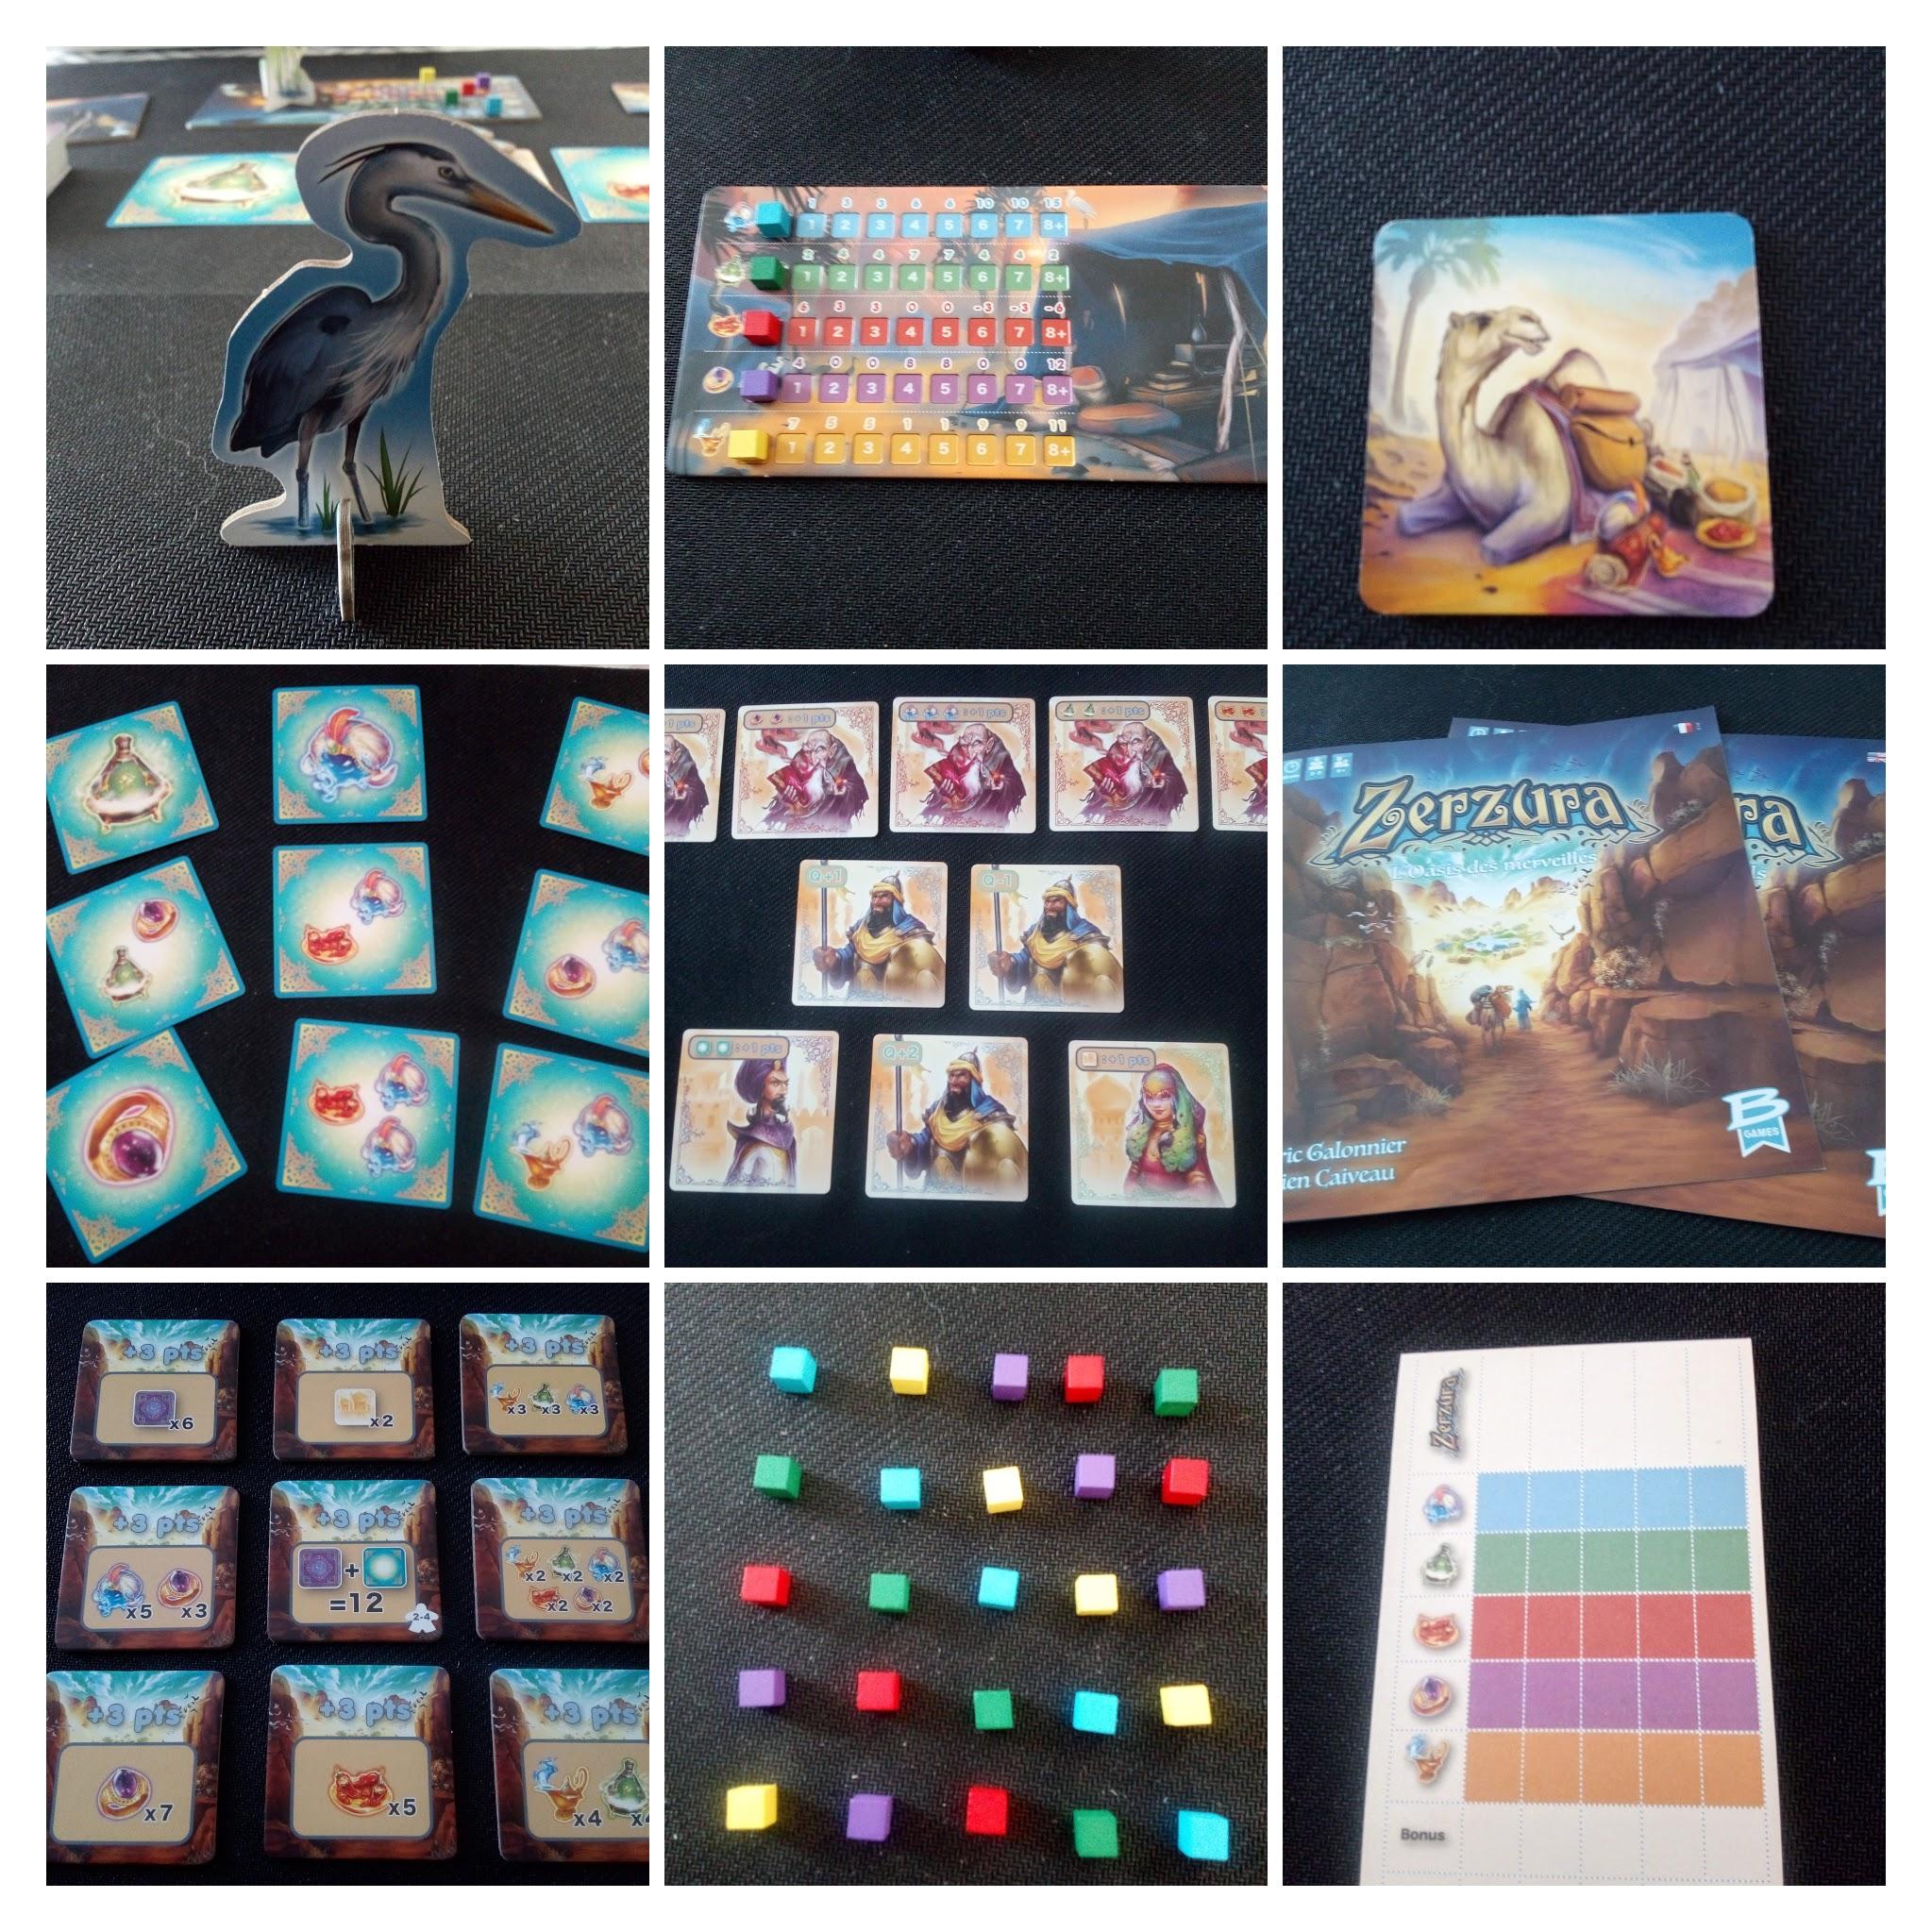 Le matériel de Zerzura, L'oasis des merveilles cadeau de Bragelonne game à Game of Flines. Jeux de société à partir de 8 ans